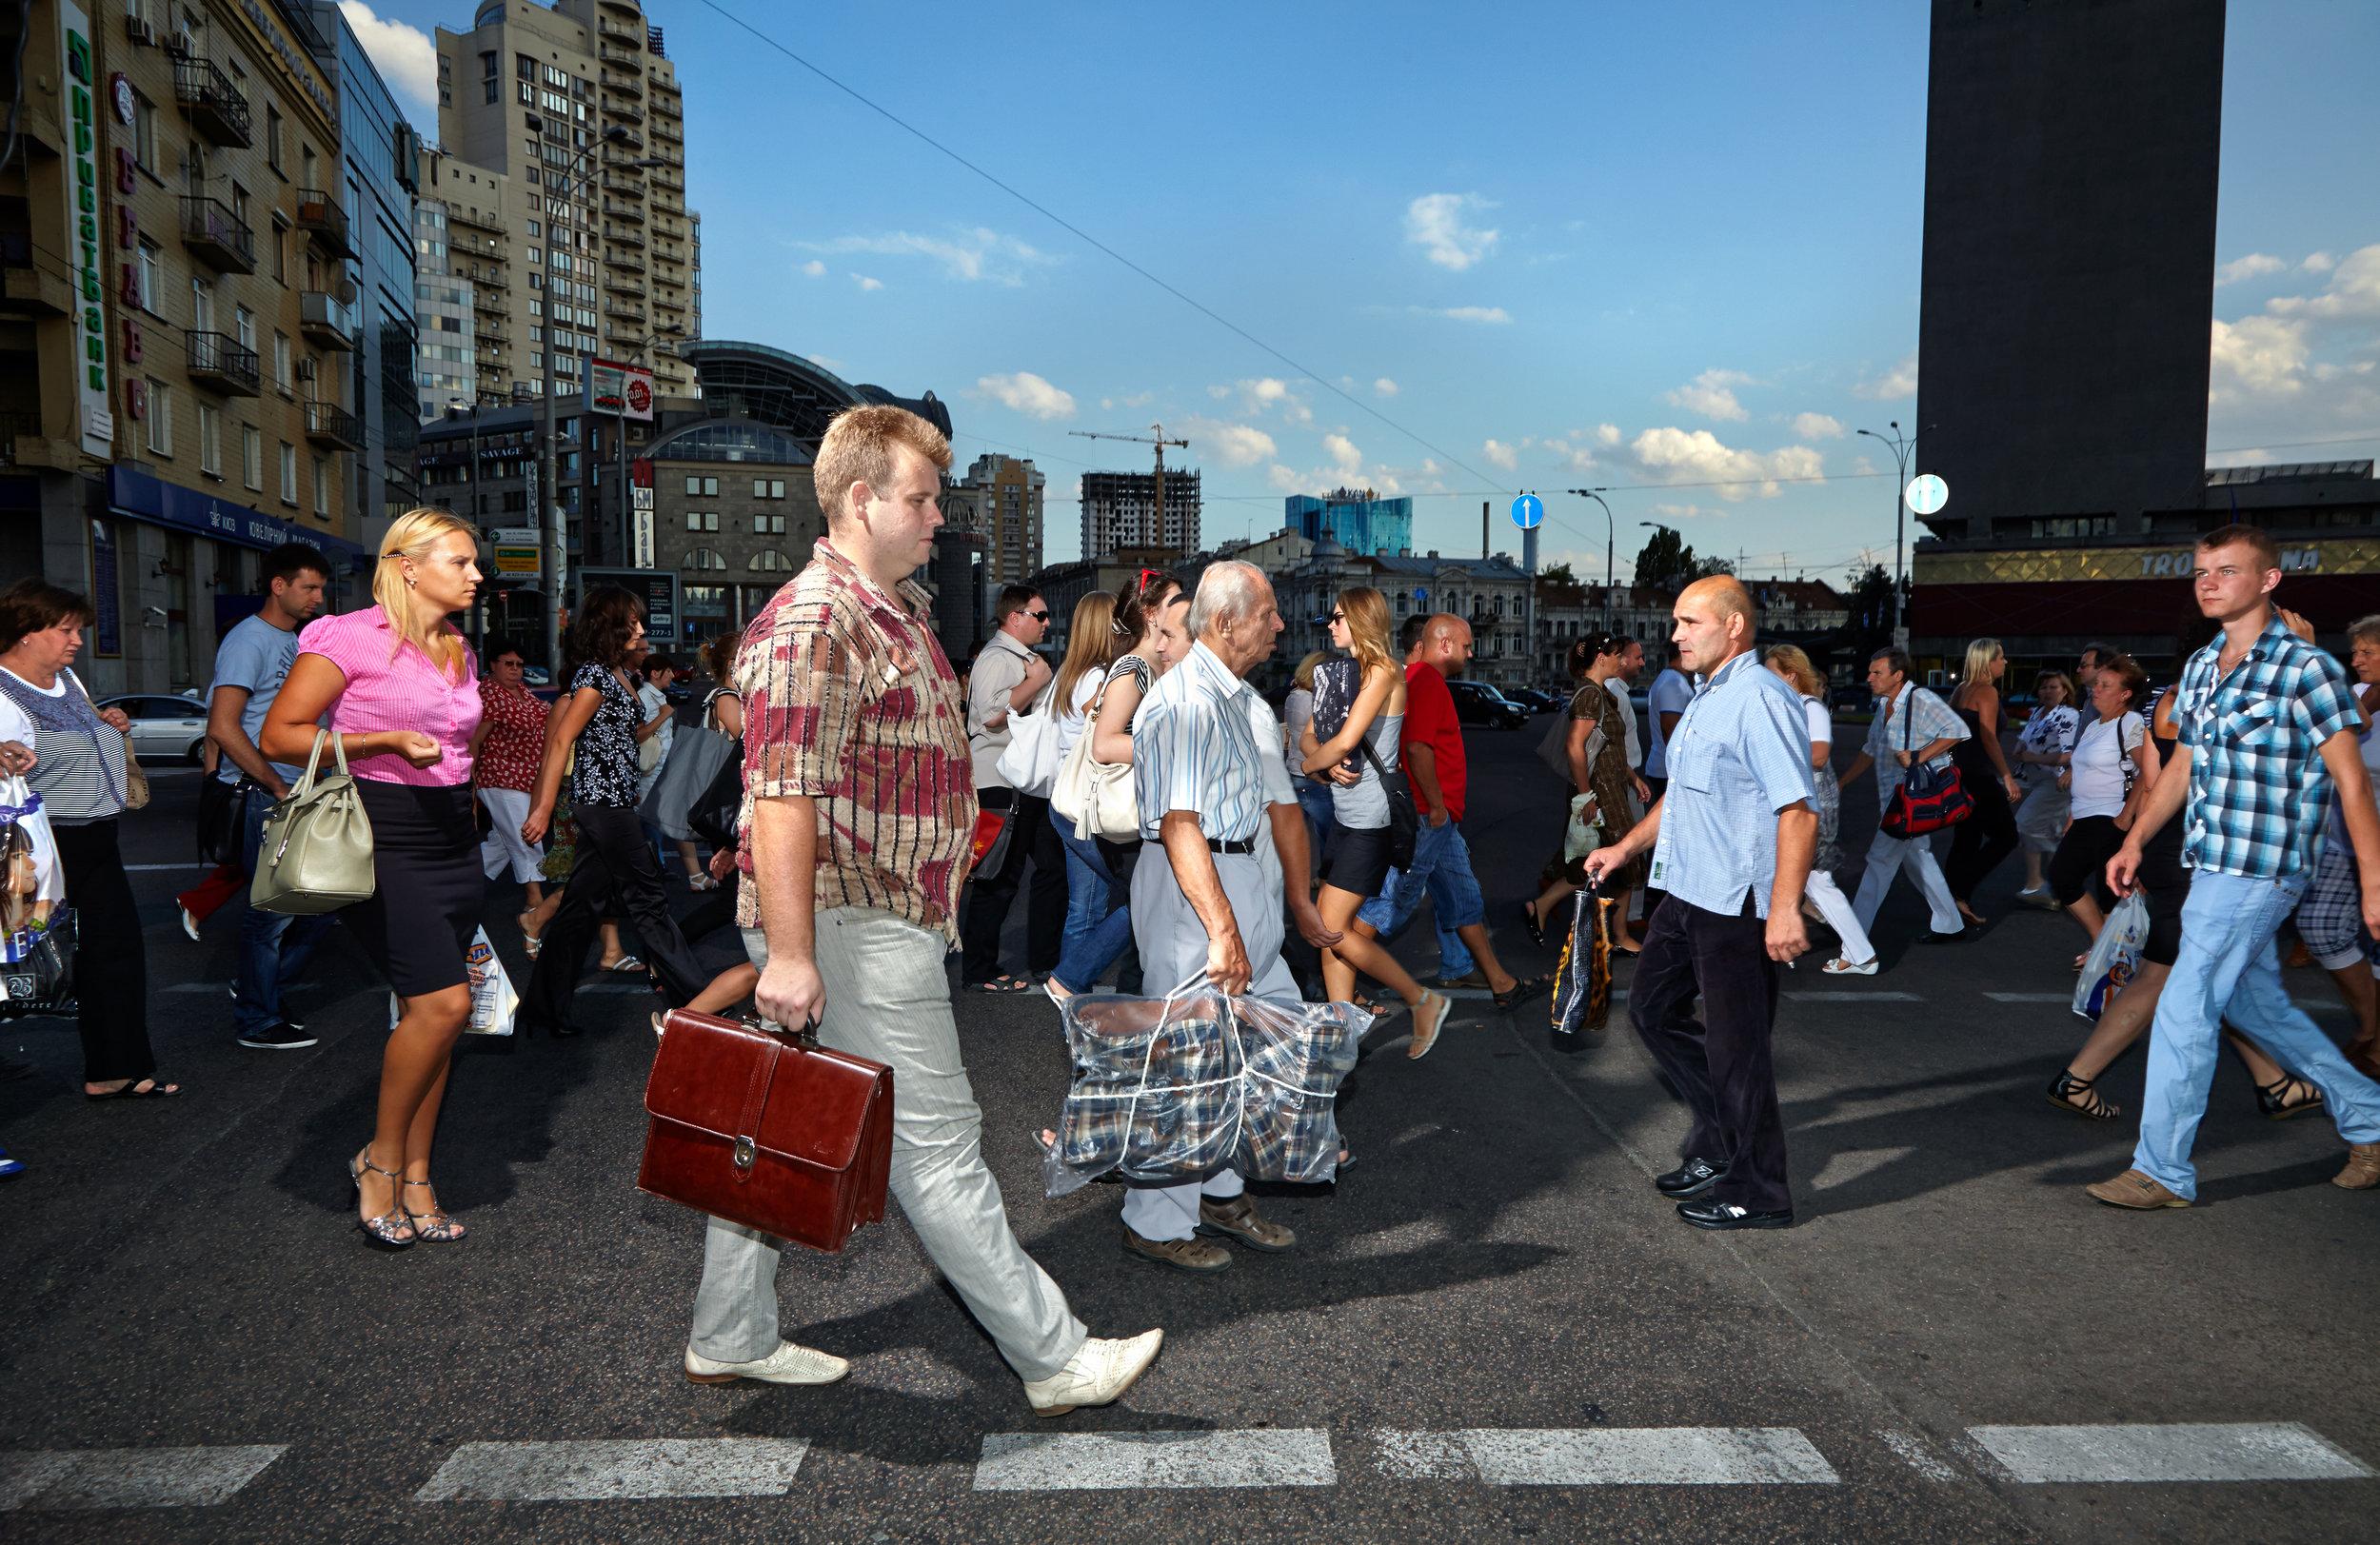 Poike_Stomps_10_Kiev_Crossing_Europe (1 van 1).jpg